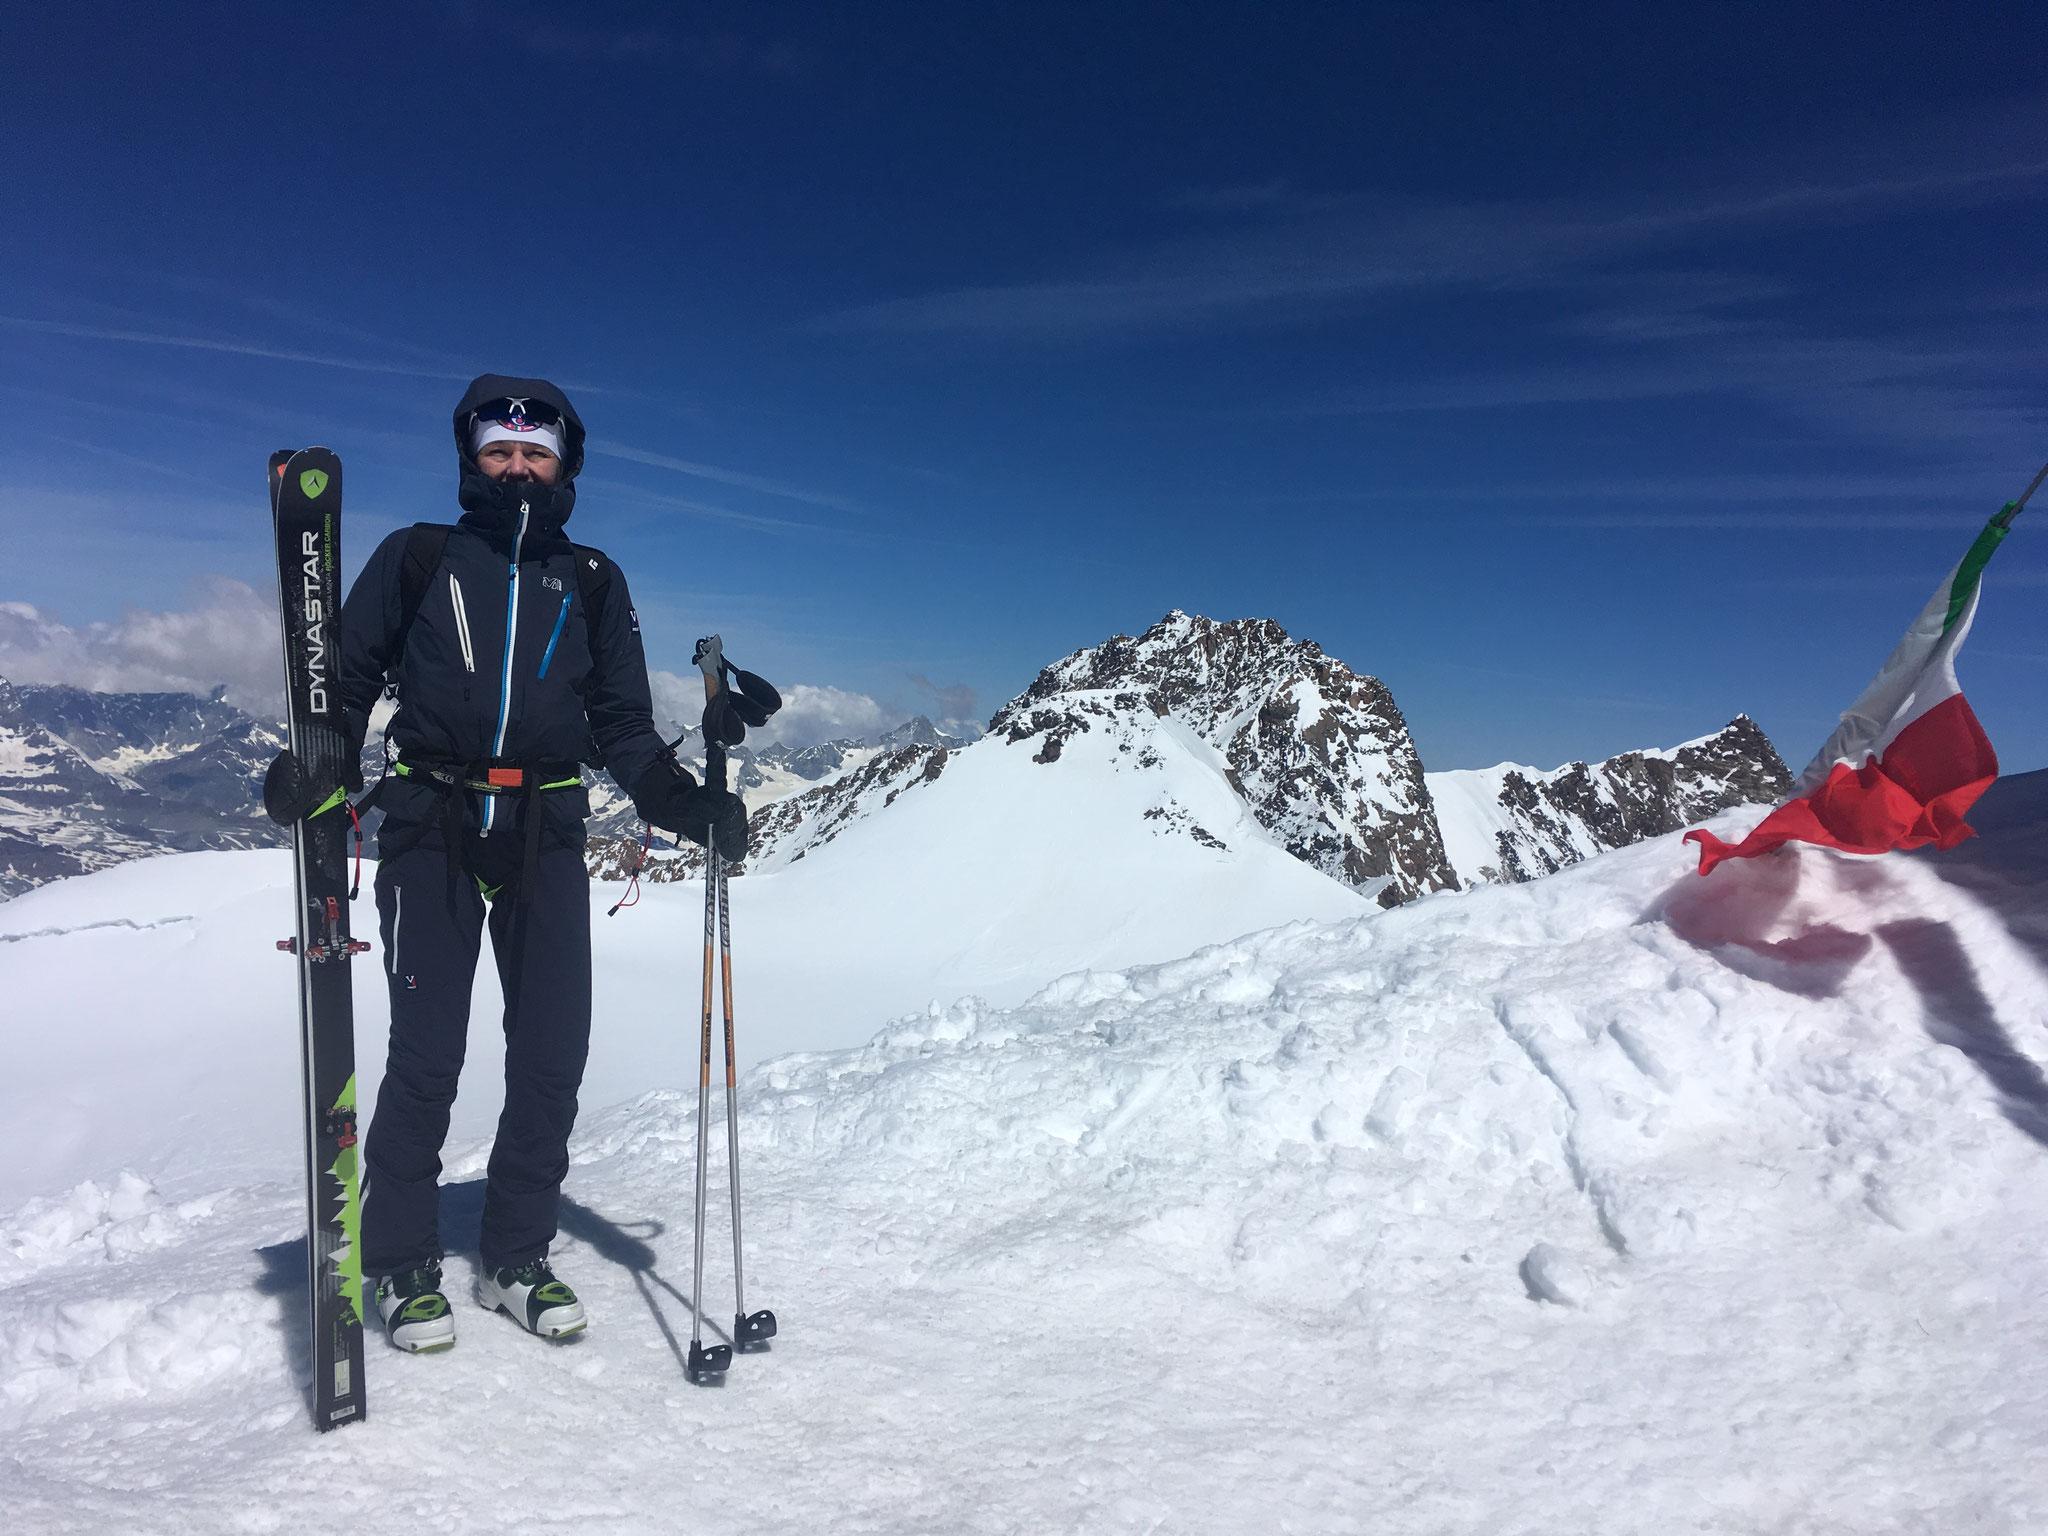 Un coup d'oeil coté Dufourspitze avant la descente à ski